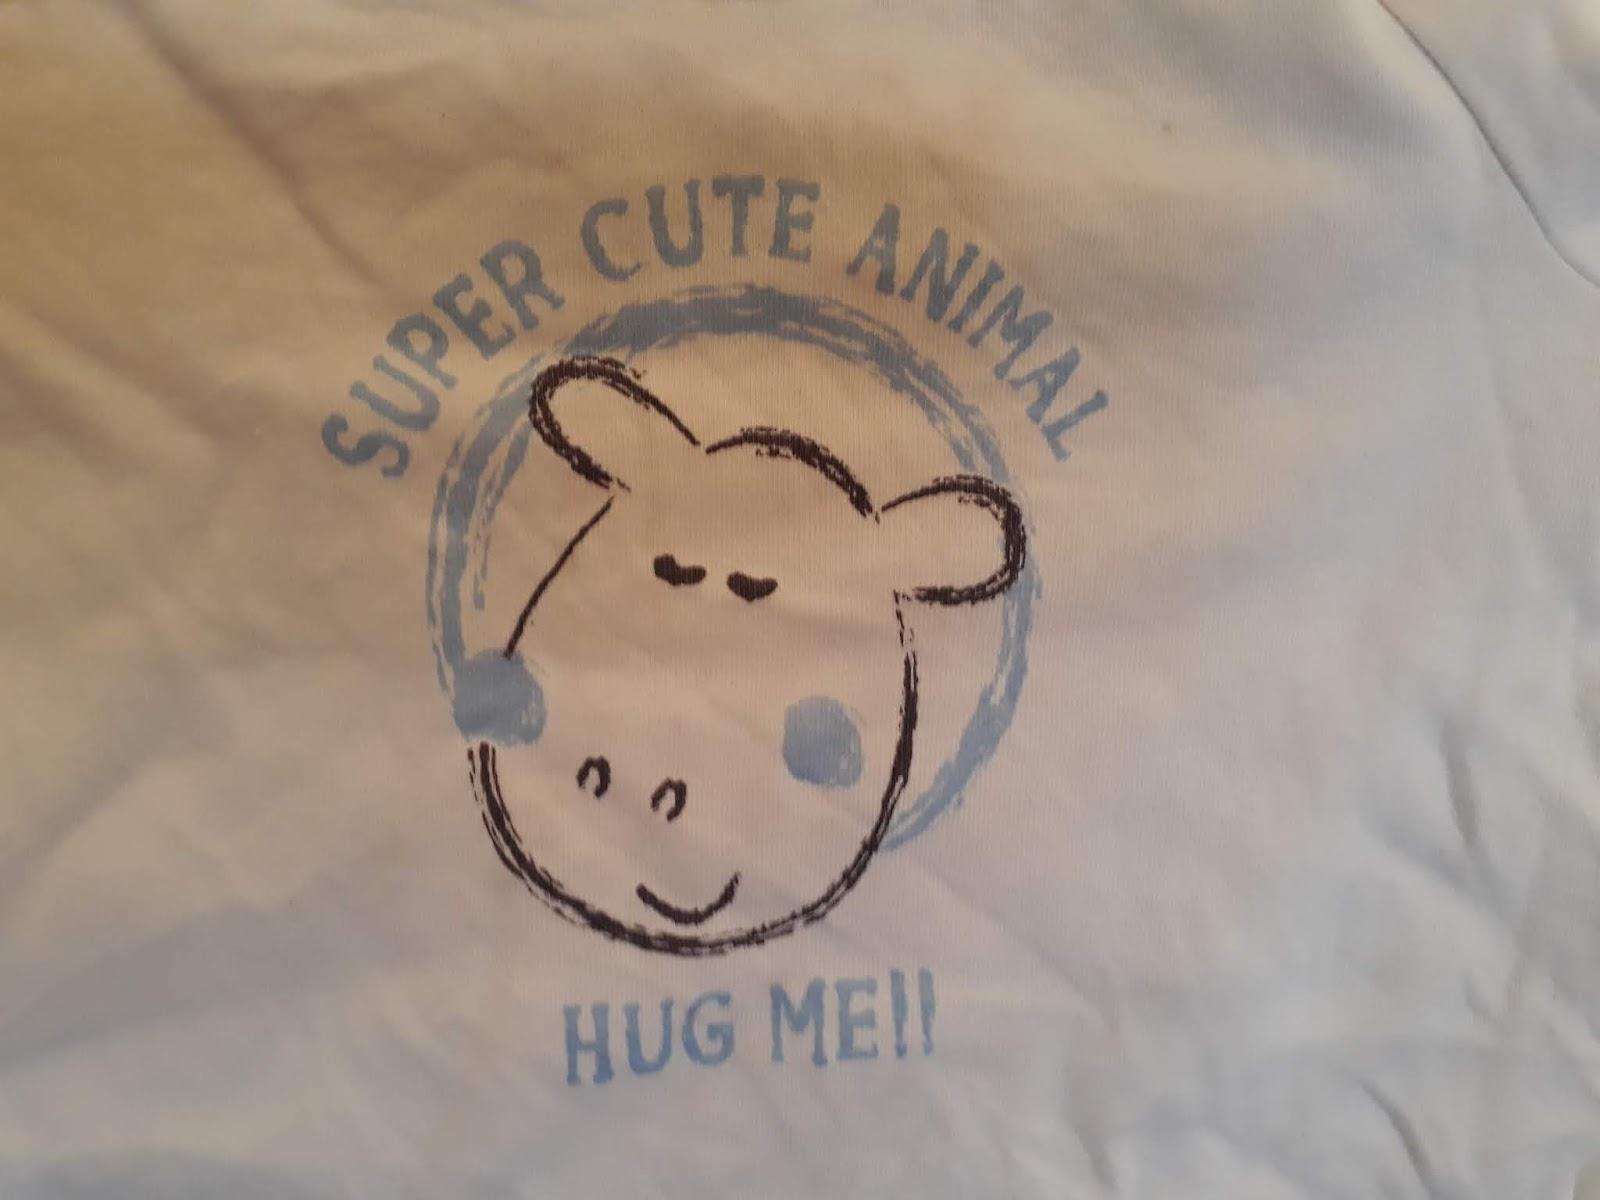 eaf75066d8c Nejdůležitější je dítku pořídit motivační trička (jako že kdybyste  zapomněli že je vaše ditě cute a nebo že jste na něj hrdí - máme jedno body  s fr nápisem  ...